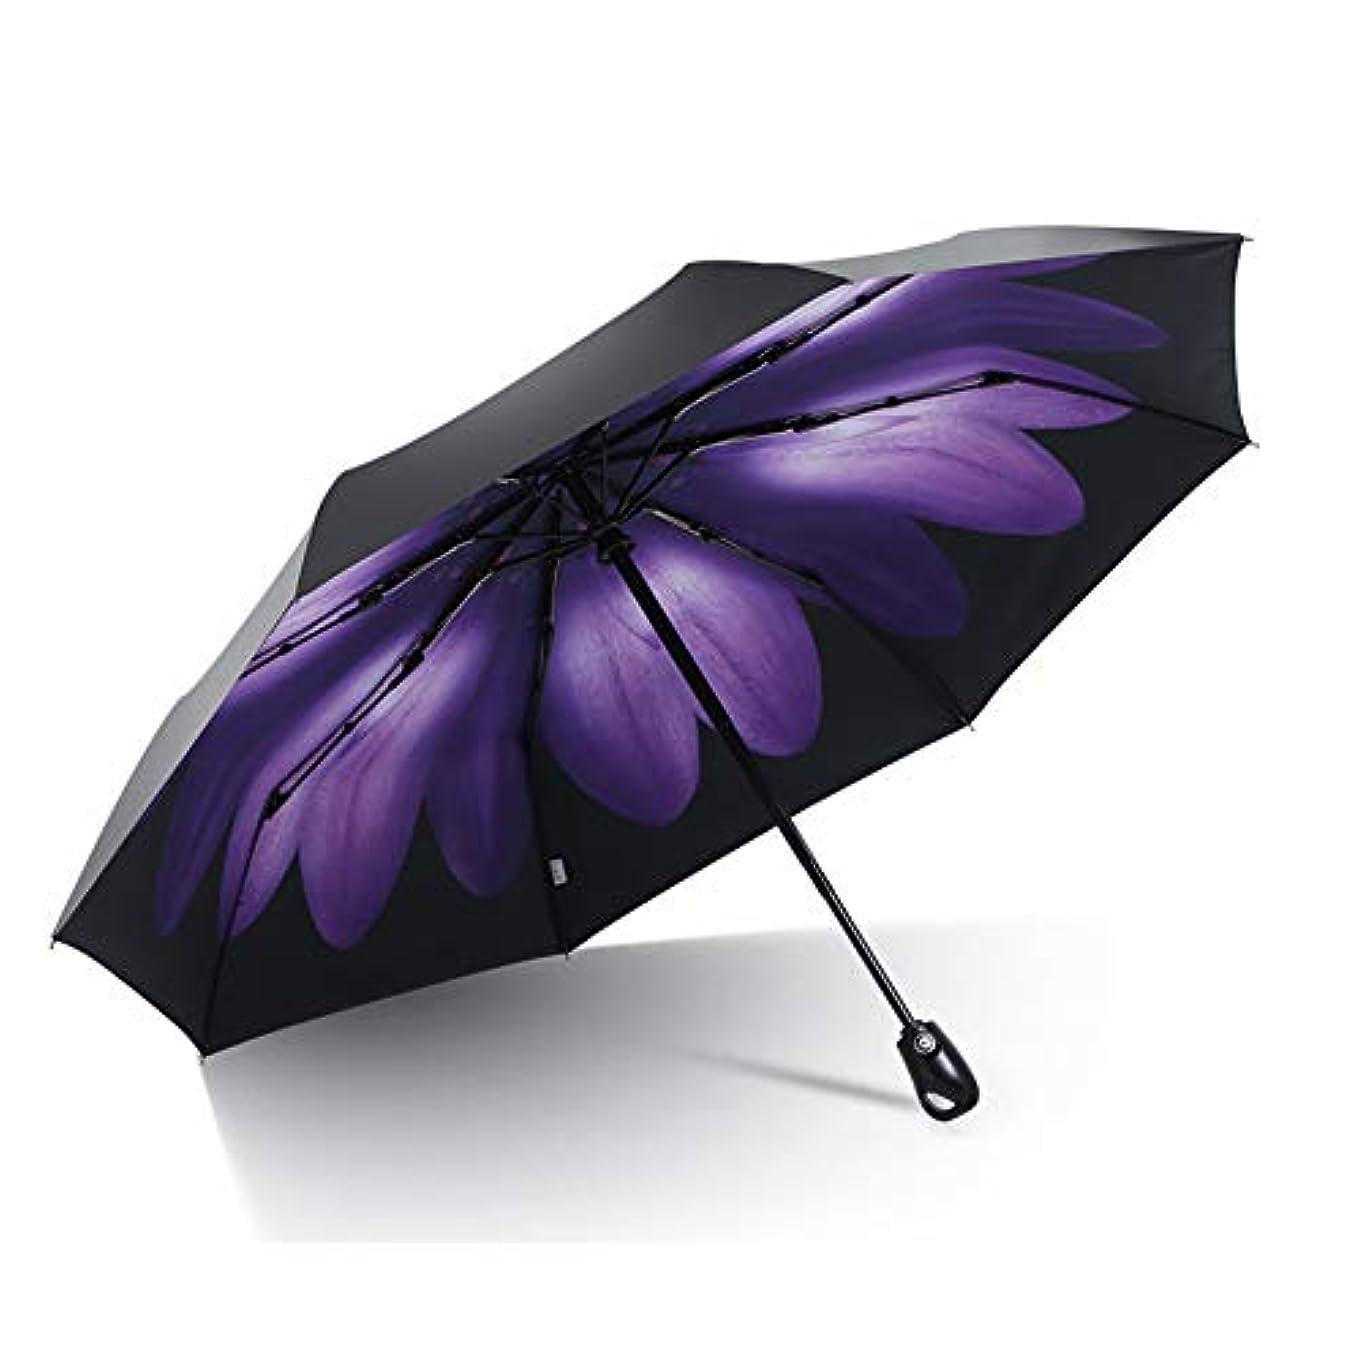 大理石ラウズパース旅行傘、防風自動オープンクローズ傘コンパクト折りたたみパラソル日焼け止めアンチ UV 傘,Purple